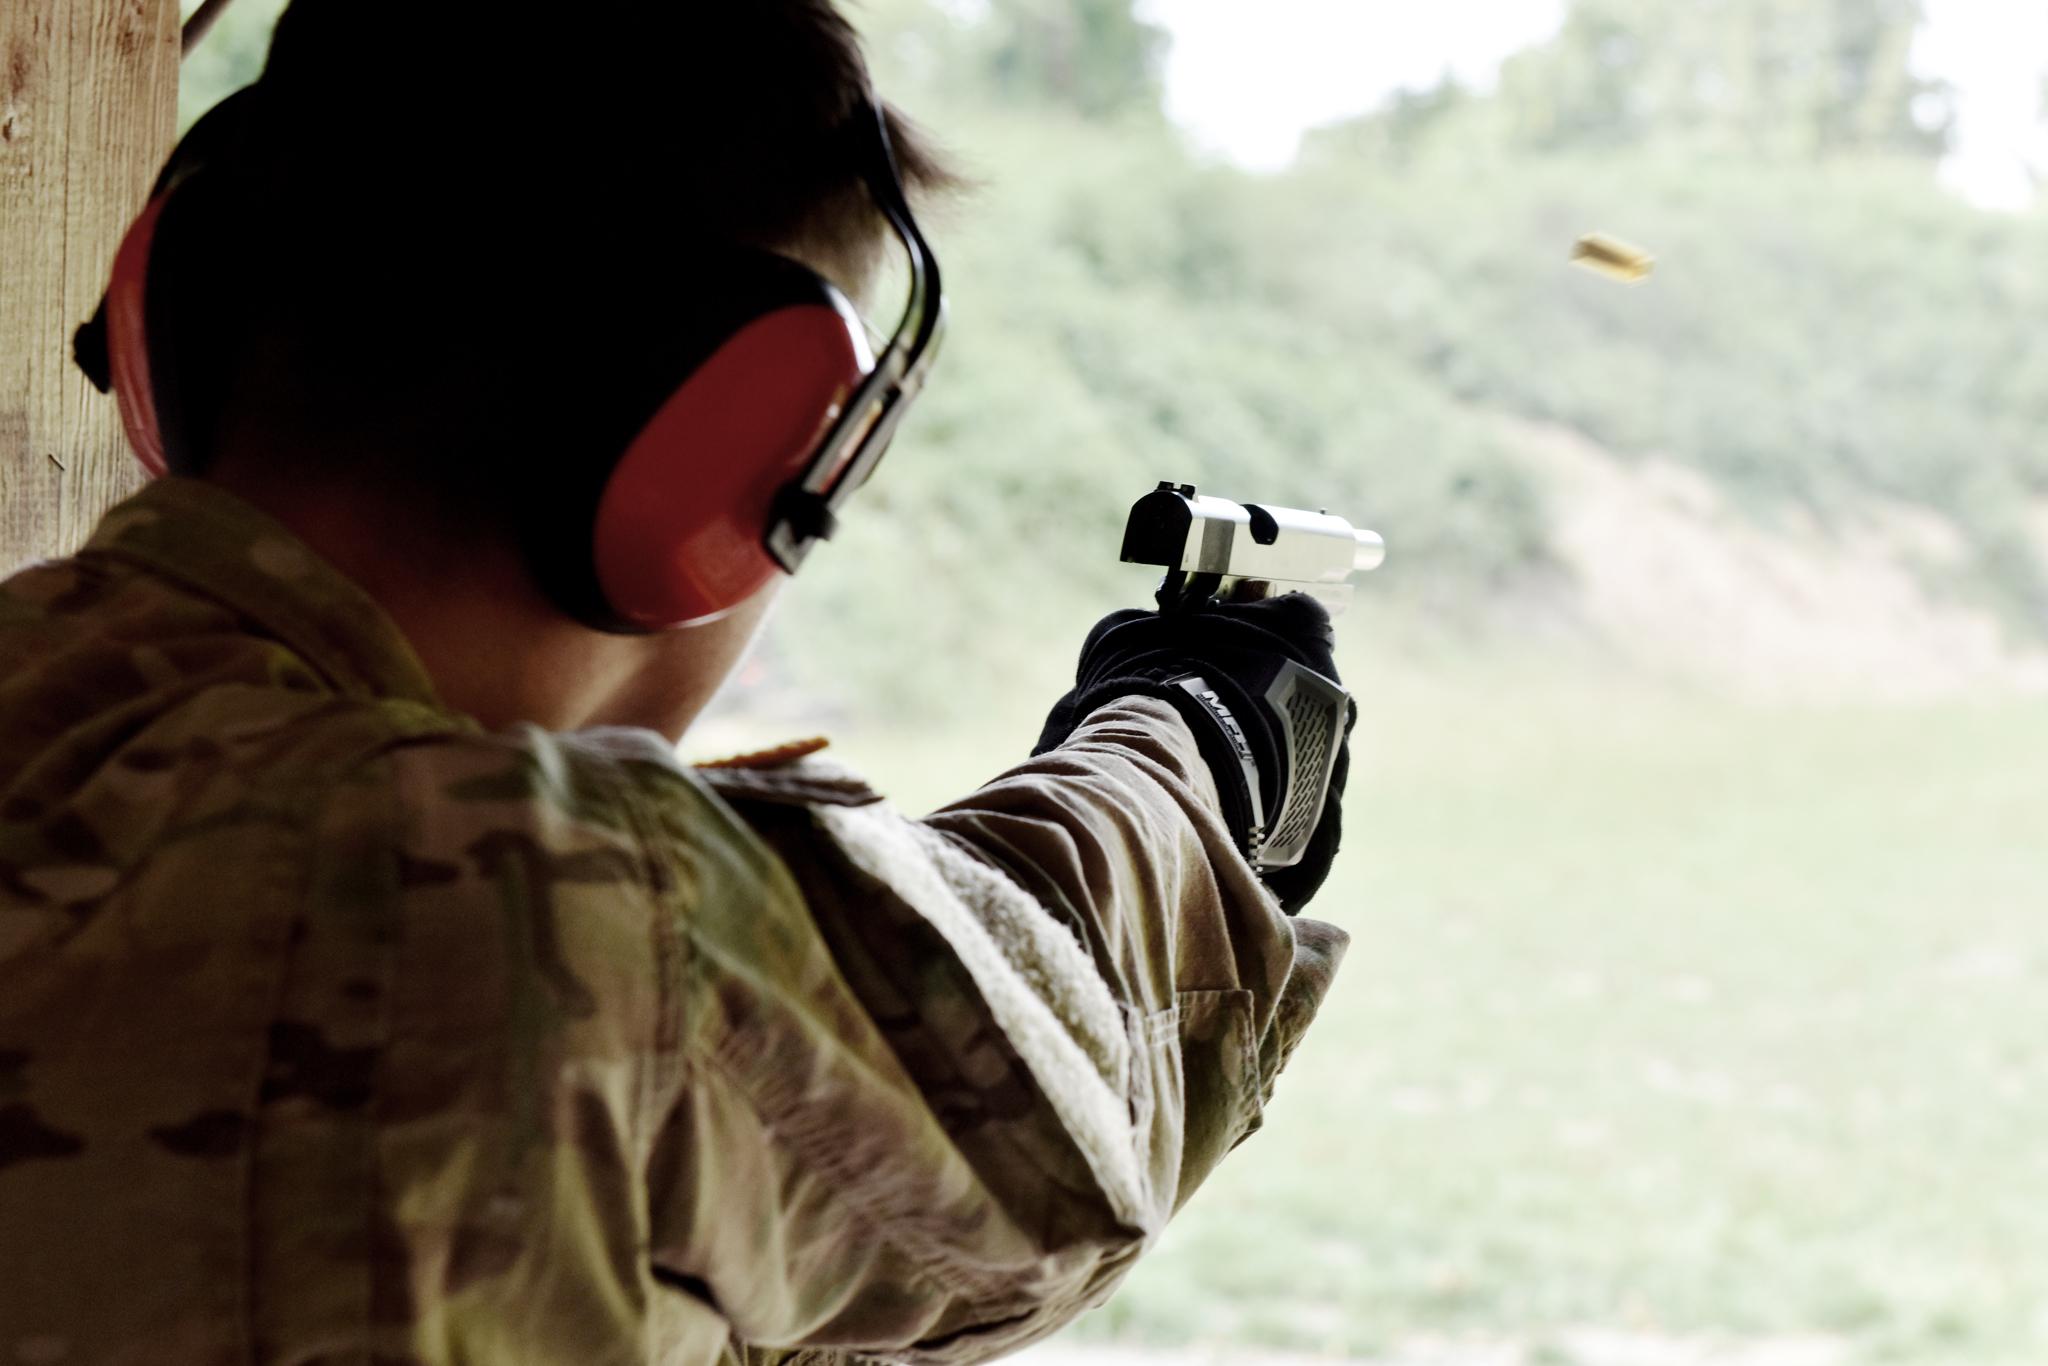 Naši členové absolvují i ostré střelby. Zde Colt 1911A1 v ráži .45 ACP